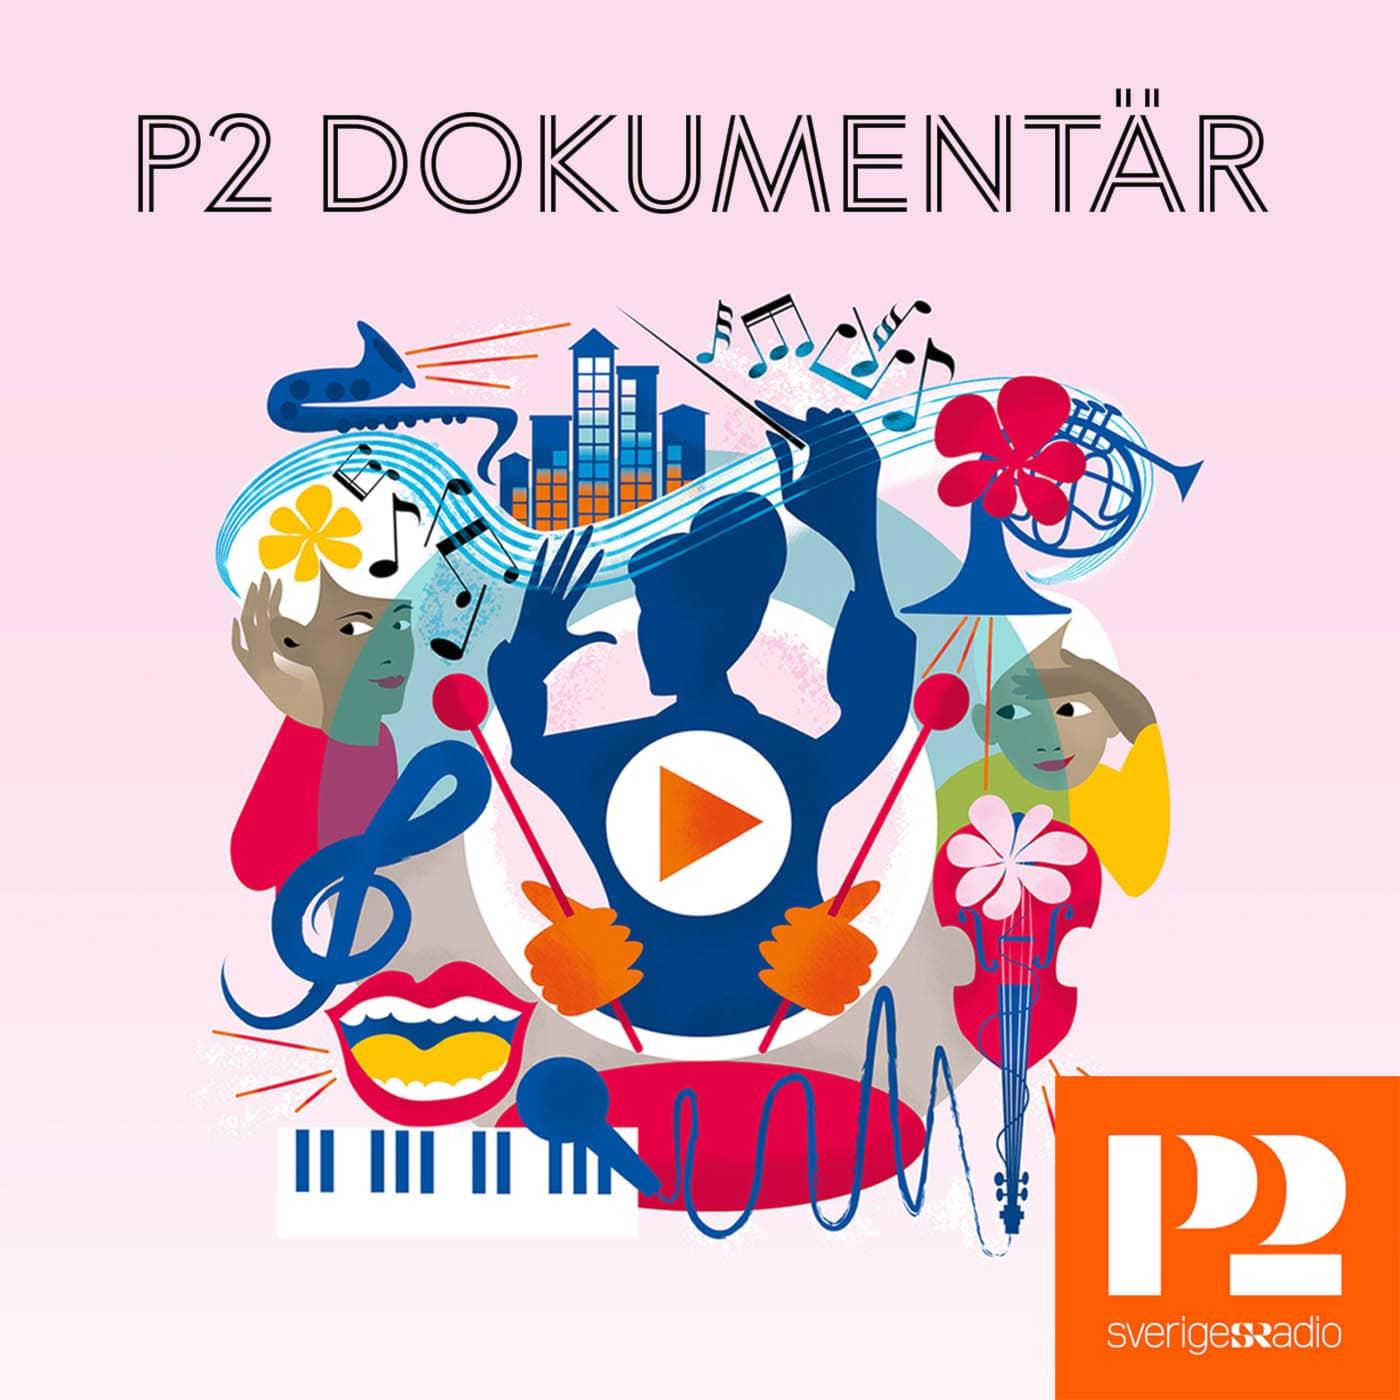 P2 Dokumentär